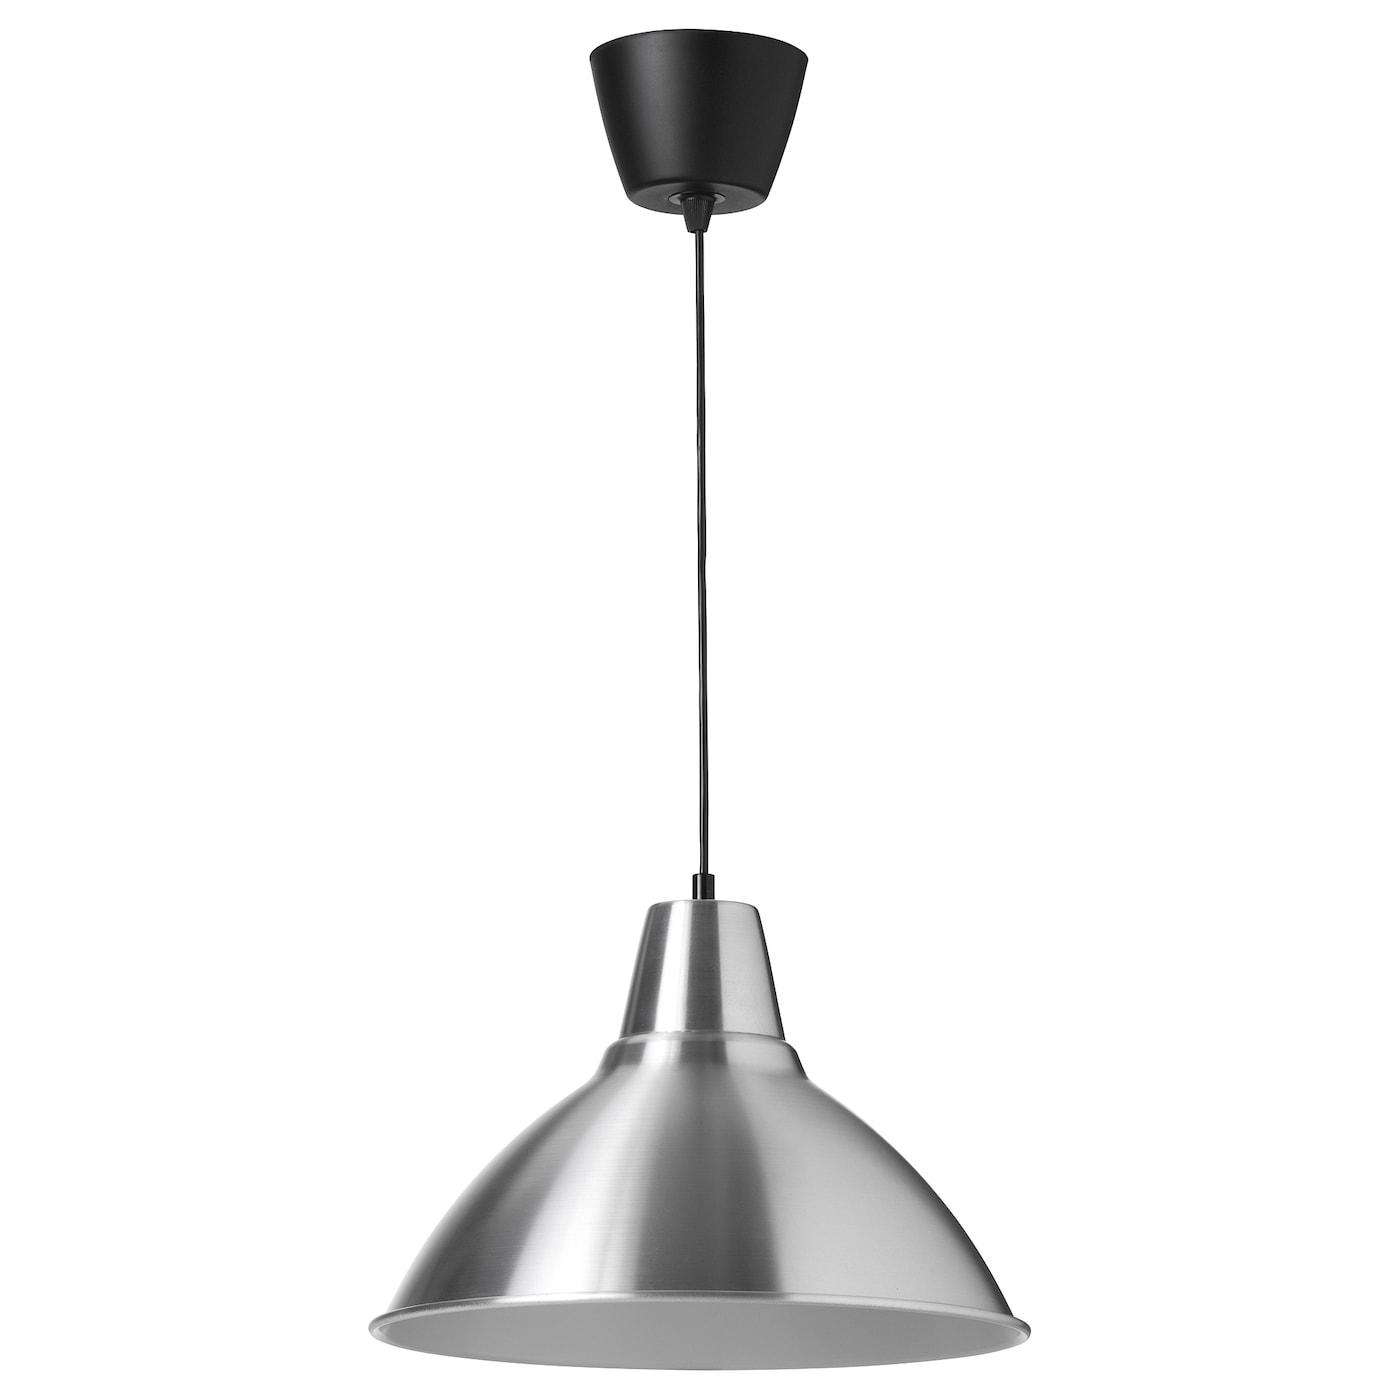 Lámparas de techo   Iluminación   Compra Online IKEA - photo#49